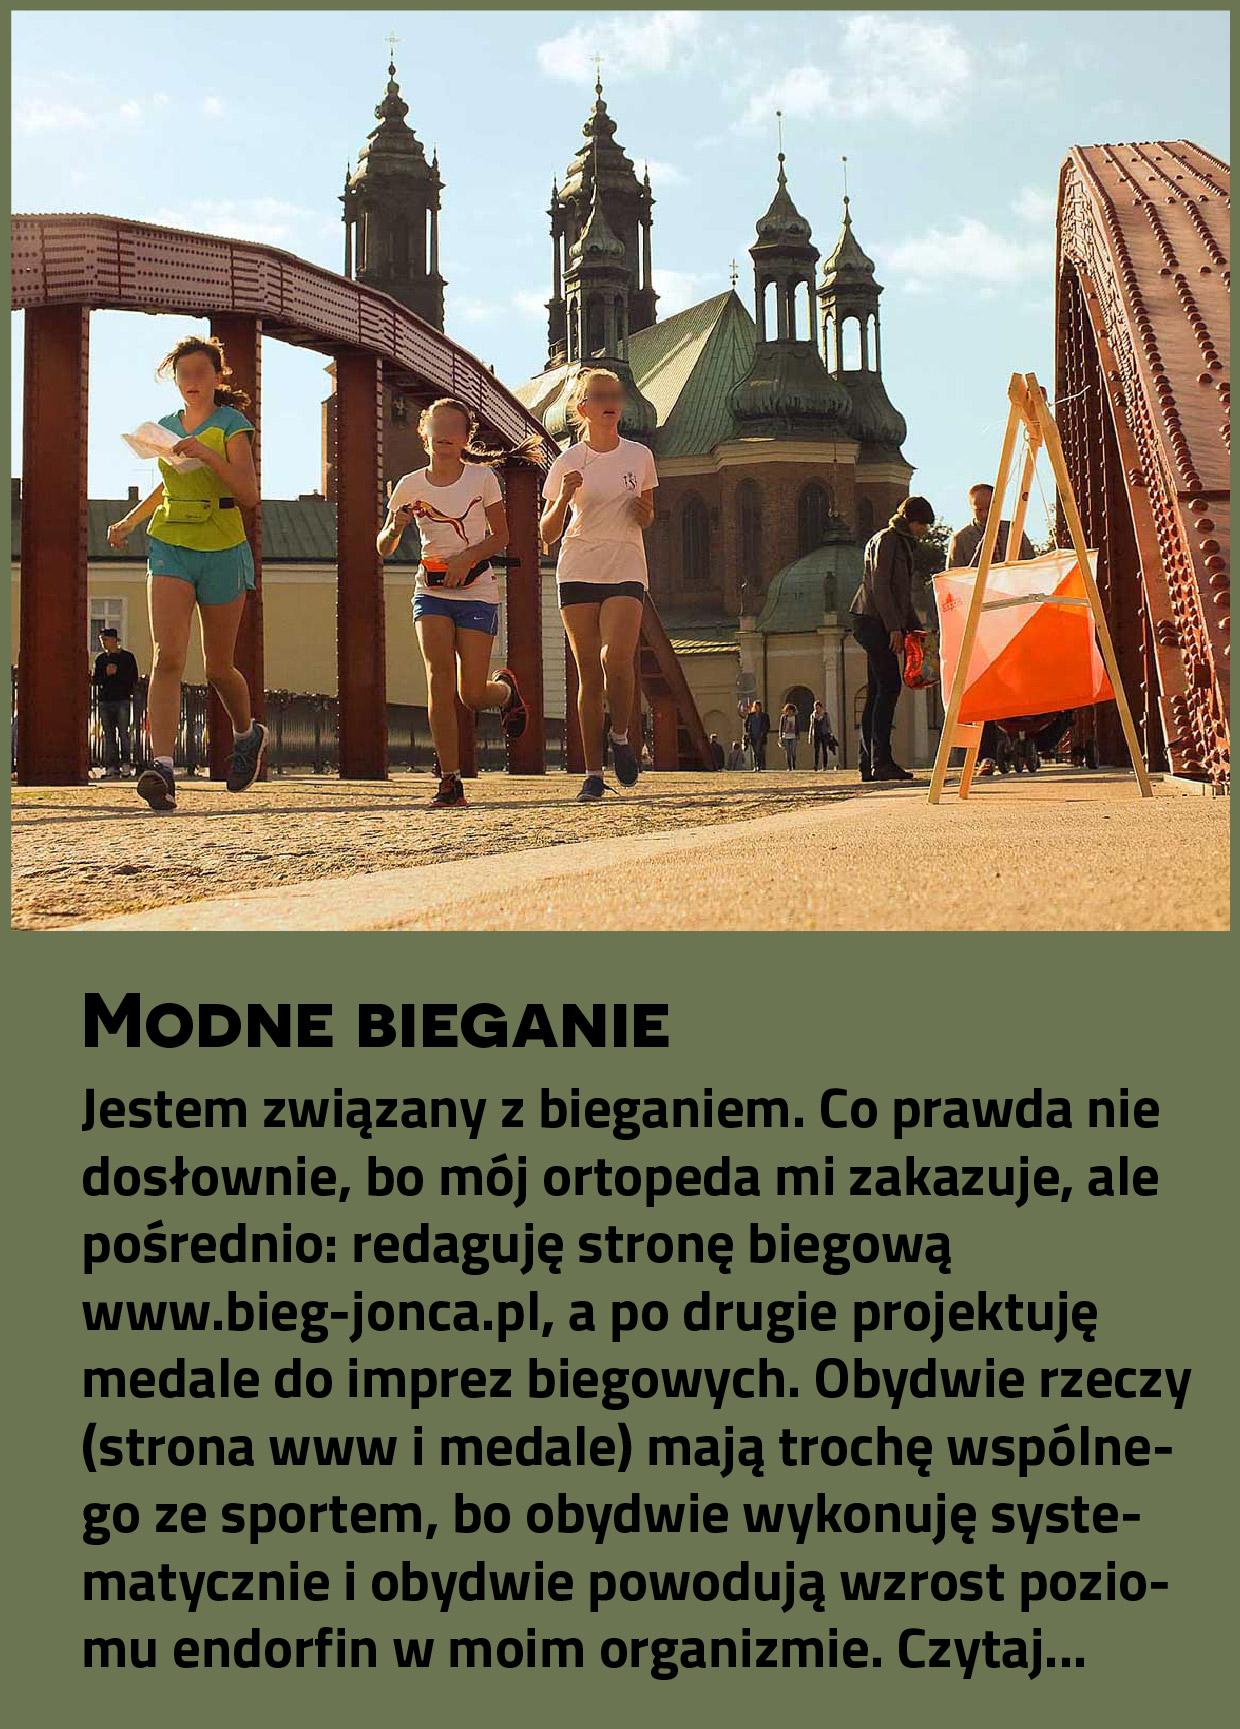 inspiracje_bieganie-12